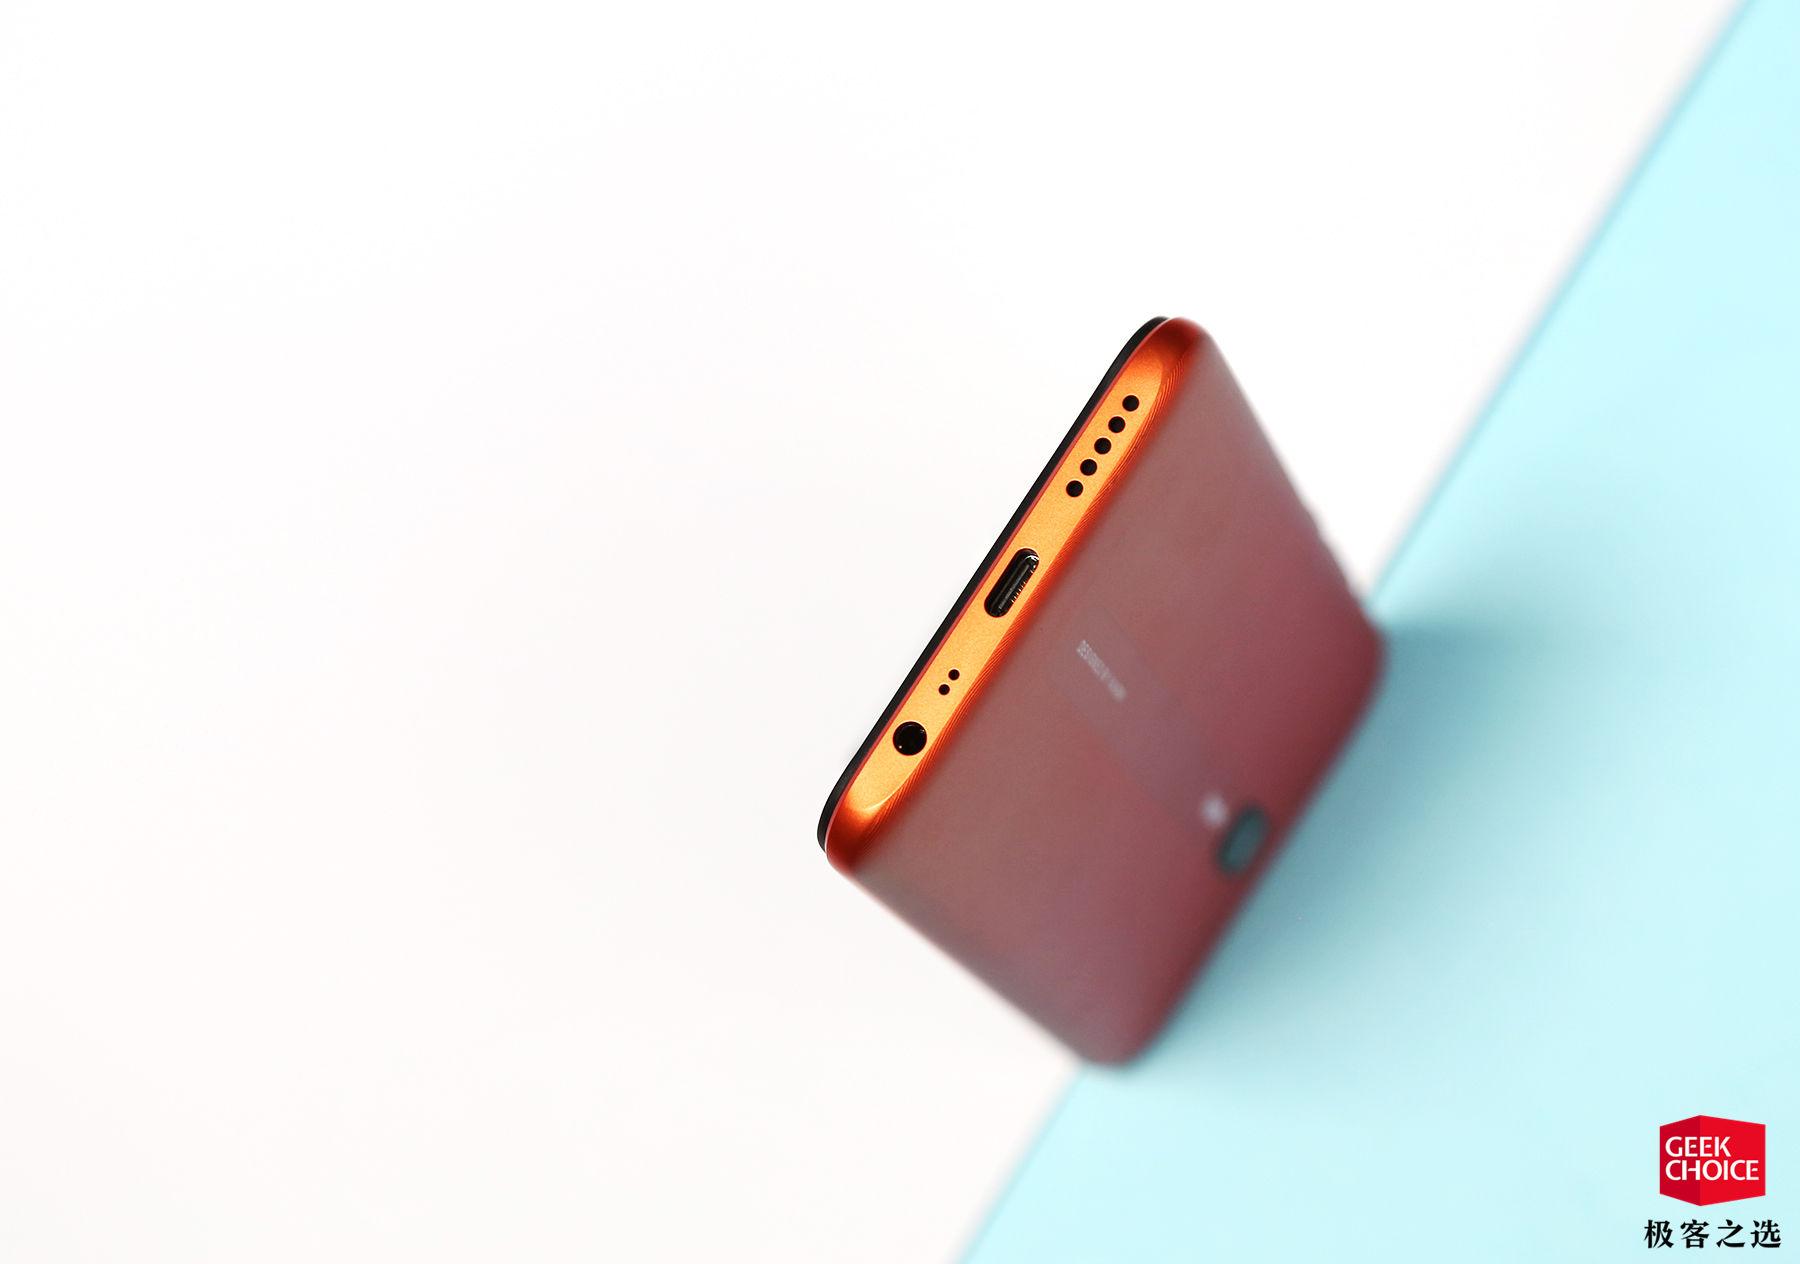 Redmi红米 8系列图赏:5000mAh大电池,699元解决续航焦虑-玩懂手机网 - 玩懂手机第一手的手机资讯网(www.wdshouji.com)